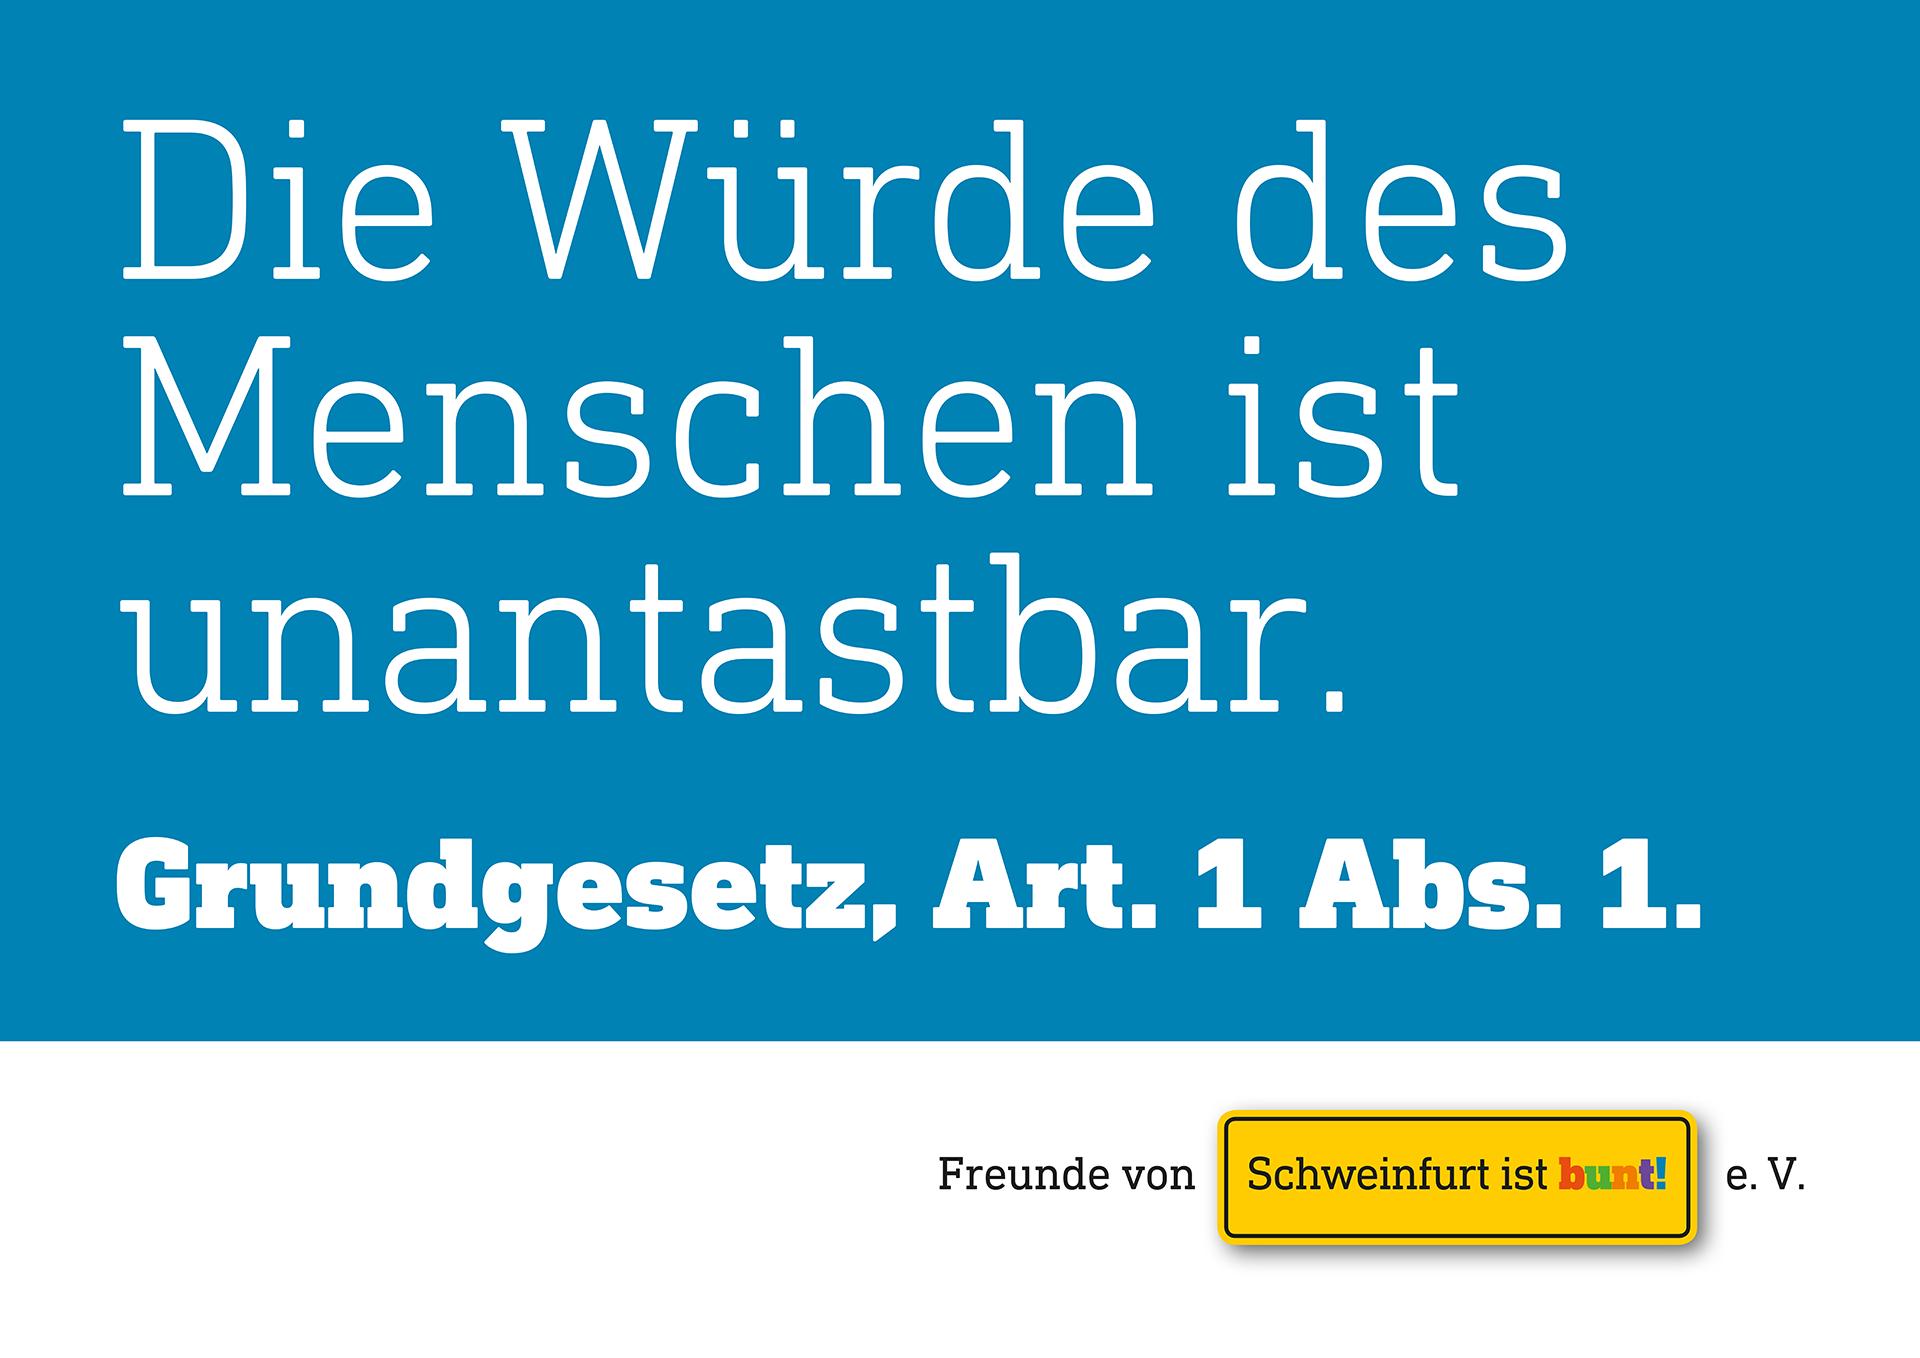 schweinfurt-ist-bunt-horizontal-6